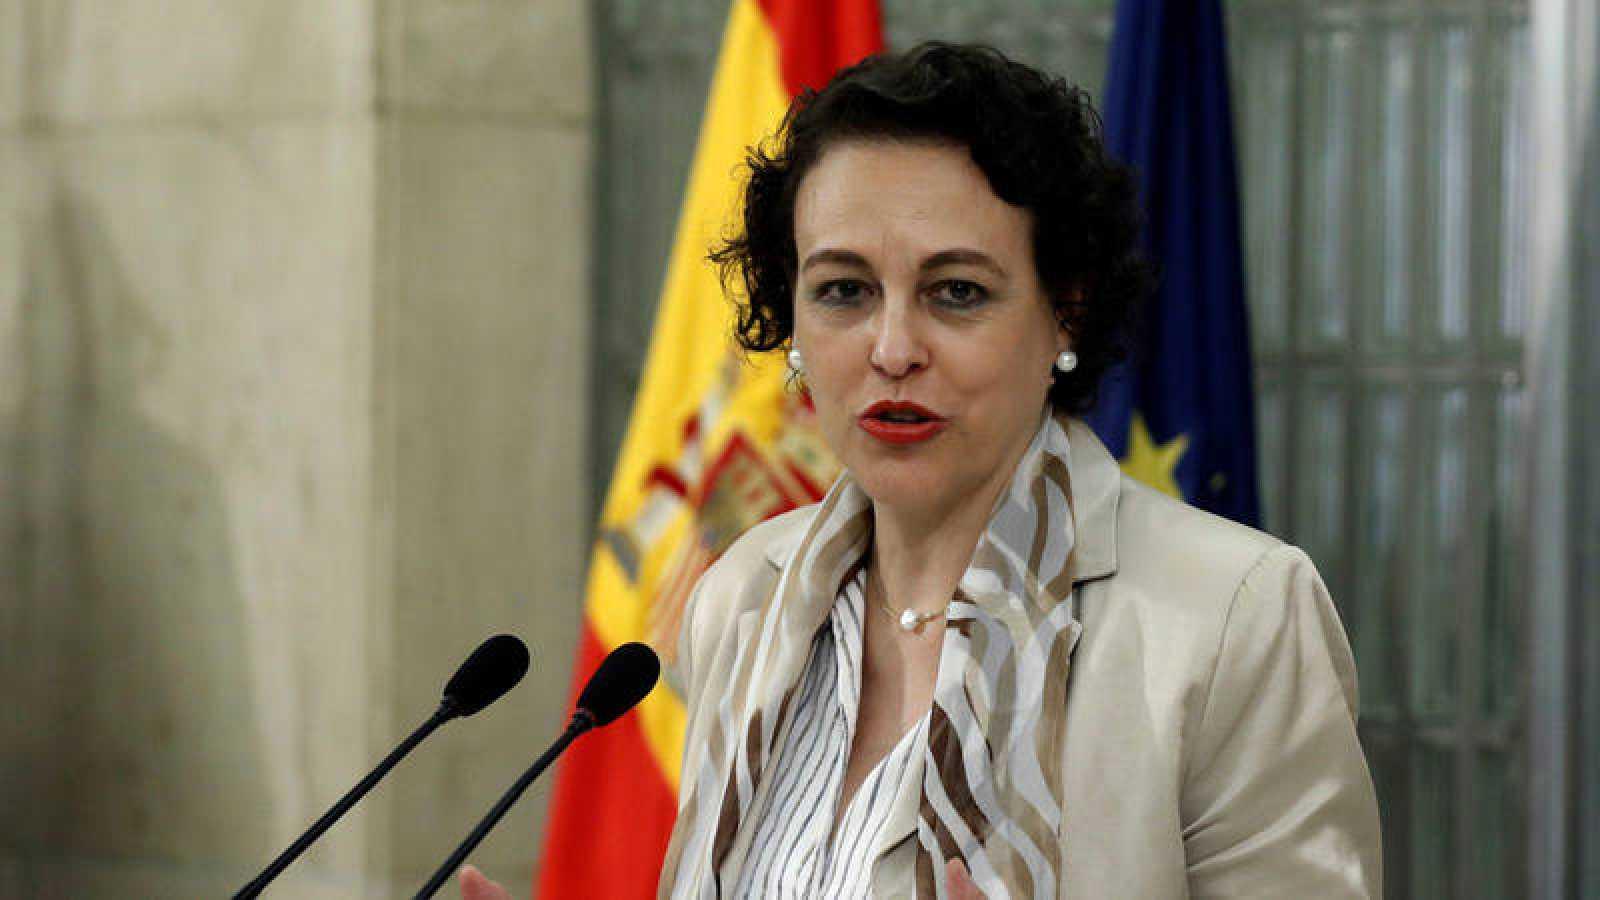 La ministra de Trabajo, Migraciones y Seguridad Social, Magdalena Valerio, ofrece declaraciones a los medios de comunicación tras presidir la Conferencia Sectorial de Inmigración